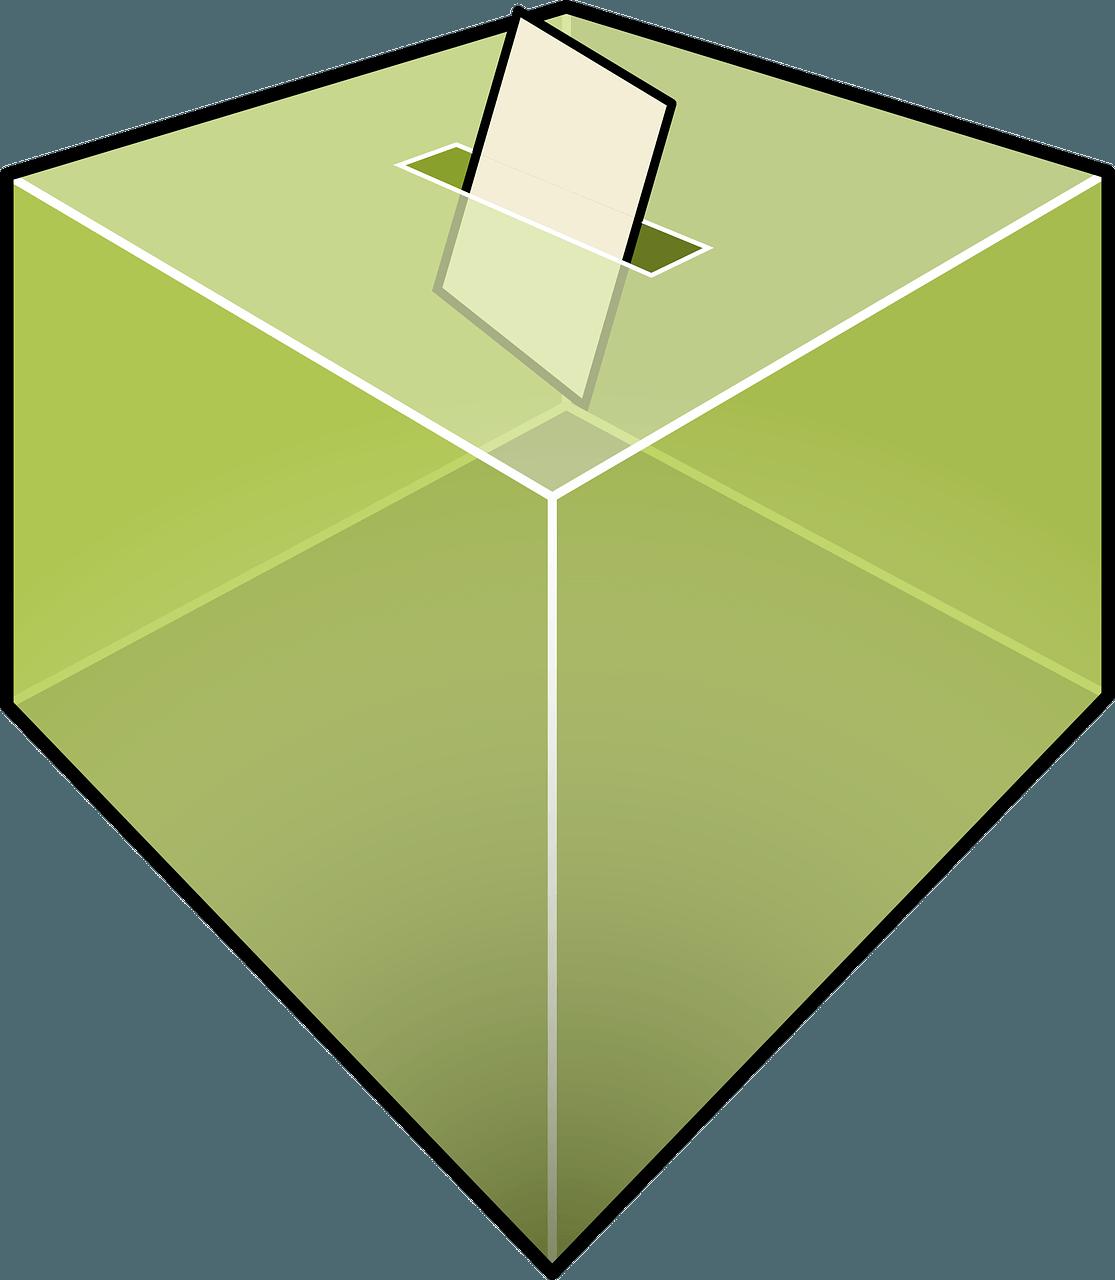 Εκλογές 2019: Τι προβλέπει ο νόμος για όσους δεν ψηφίσουν